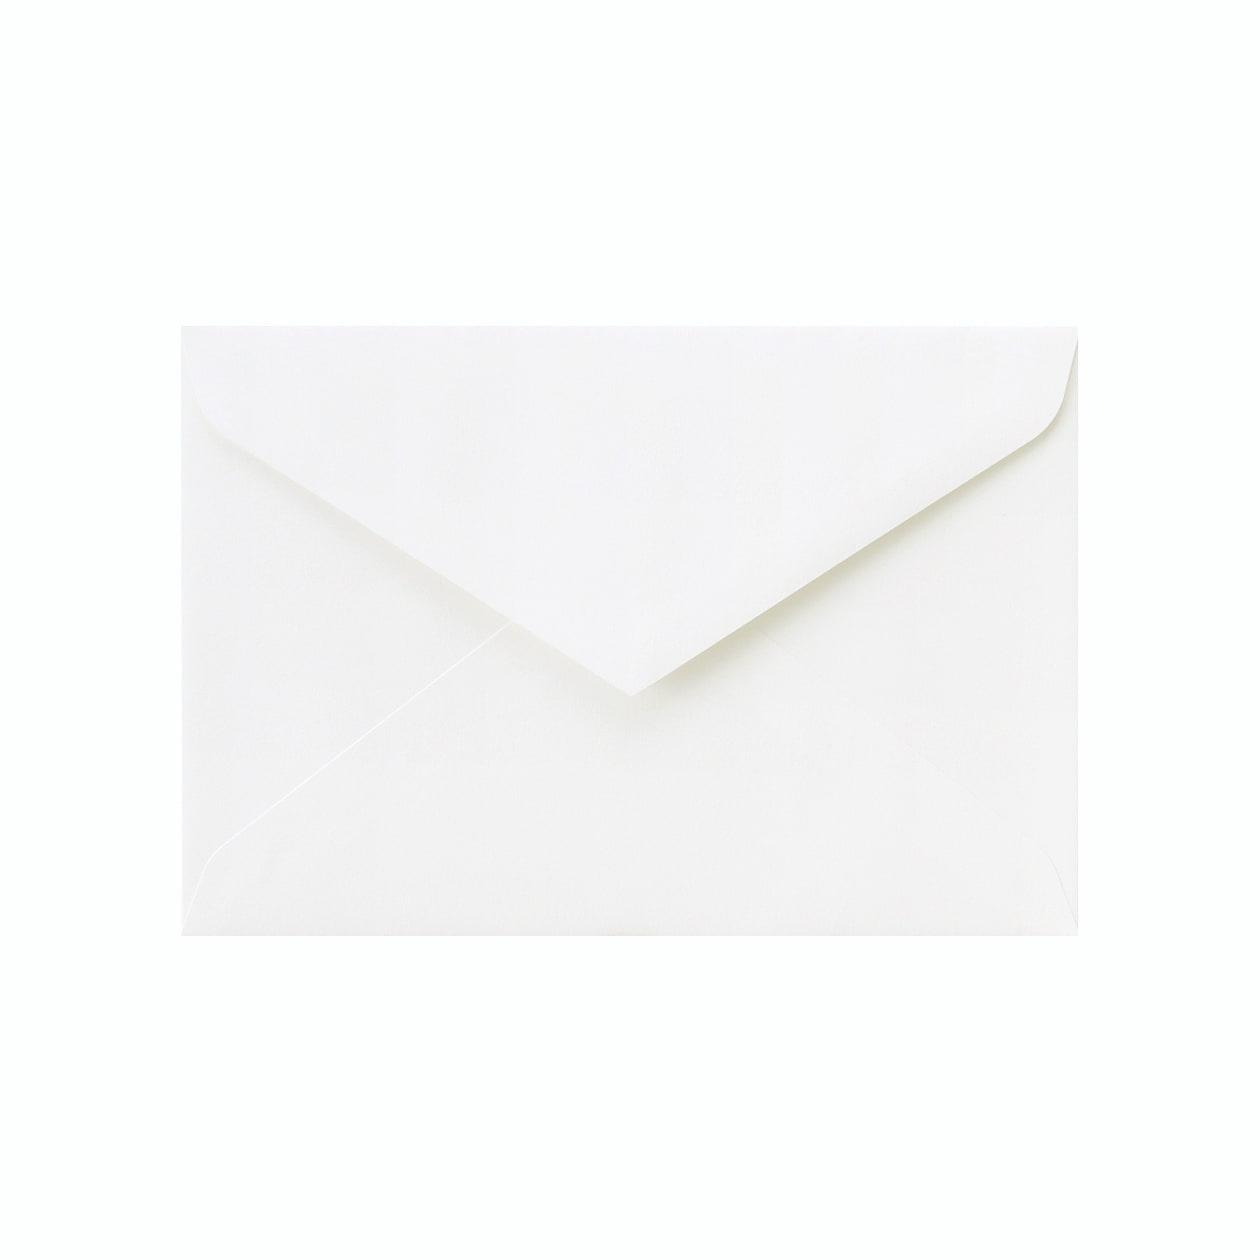 洋1ダイア封筒 コットン スノーホワイト 116.3g